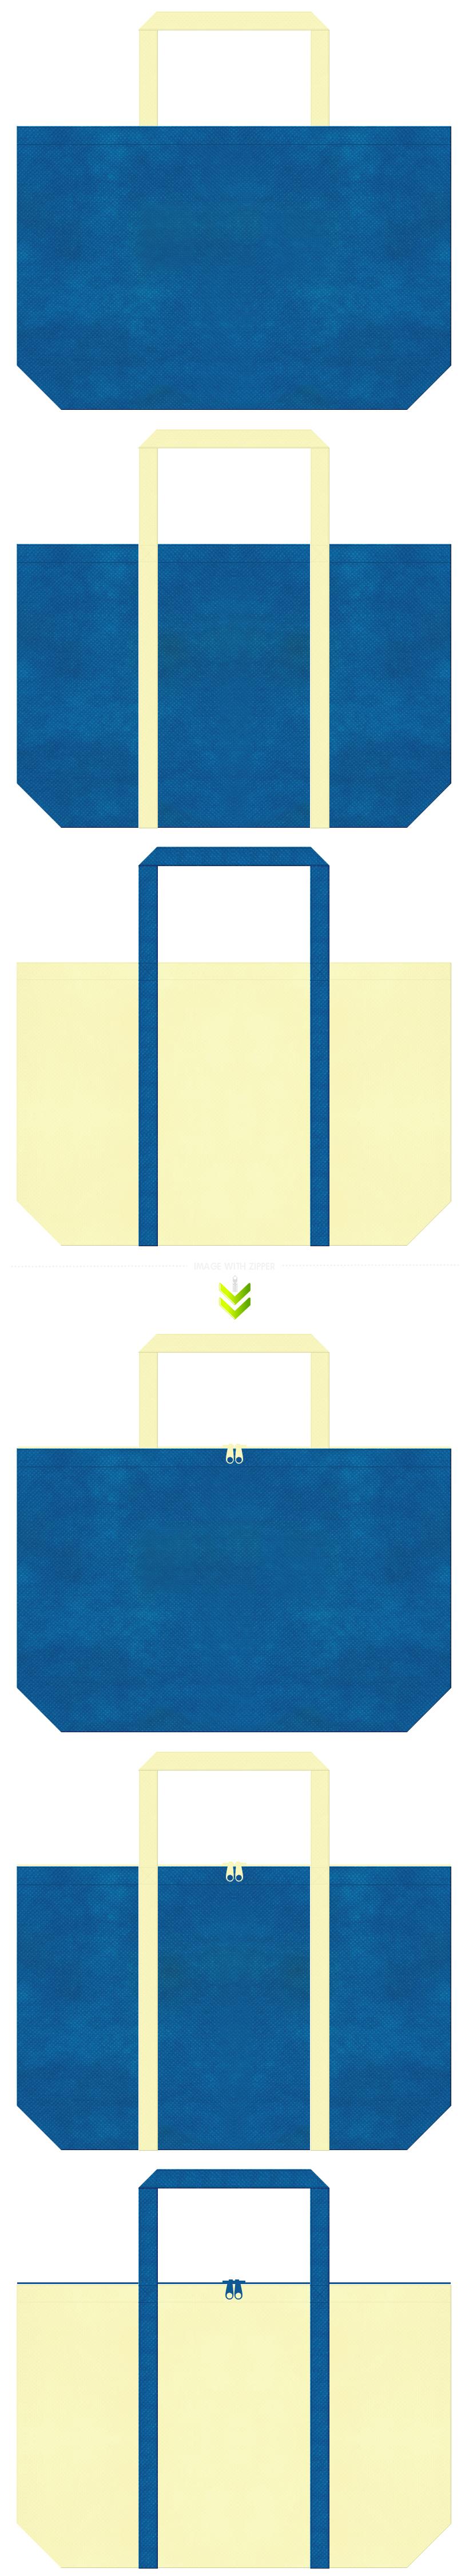 青色と薄黄色の不織布エコバッグのデザイン。